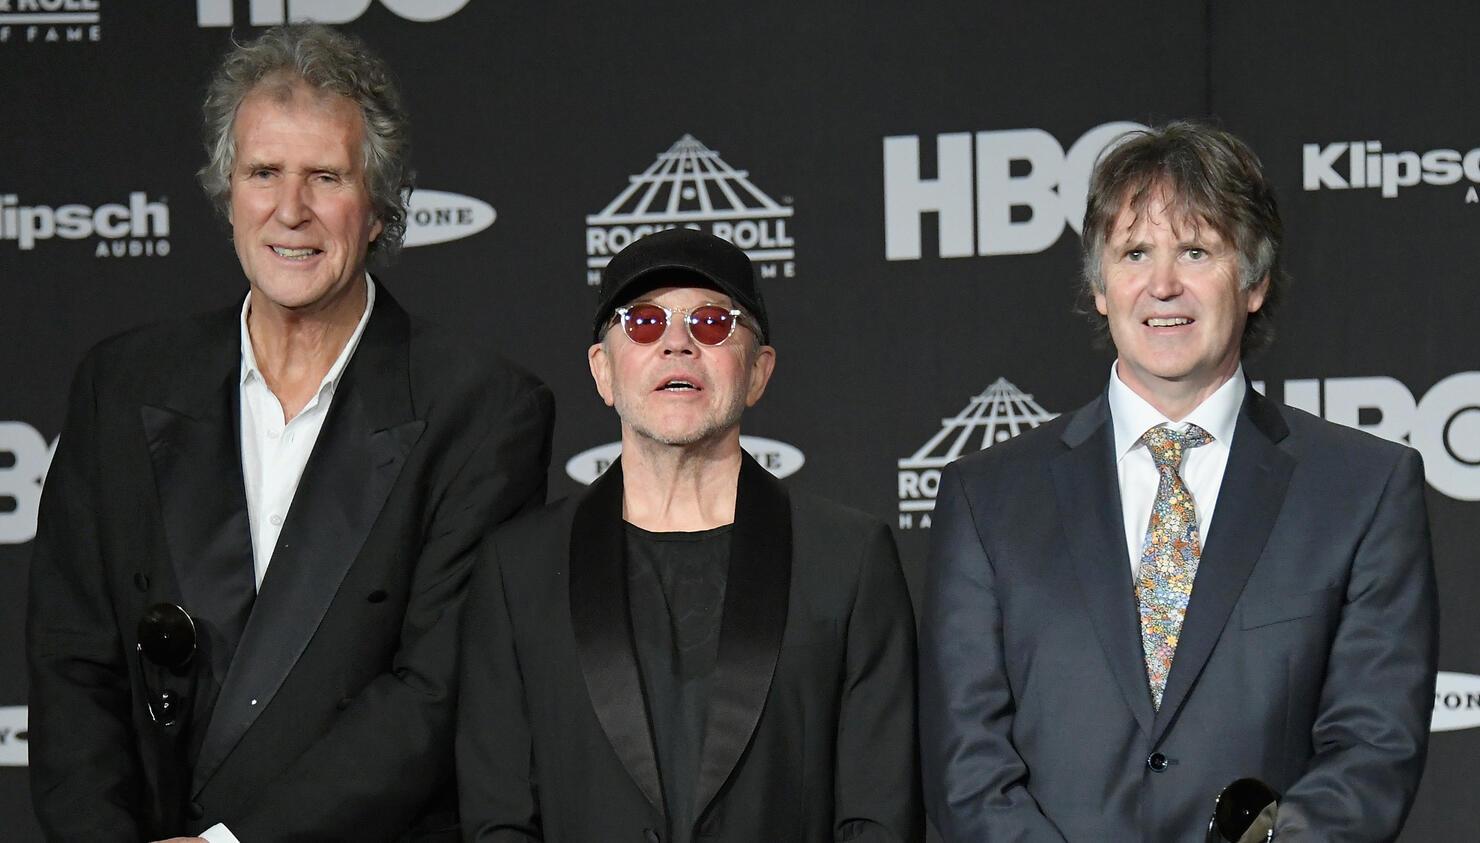 Ex-Dire Straits Members Reunite as 'Dire Straits Legacy' for U.S. Tour